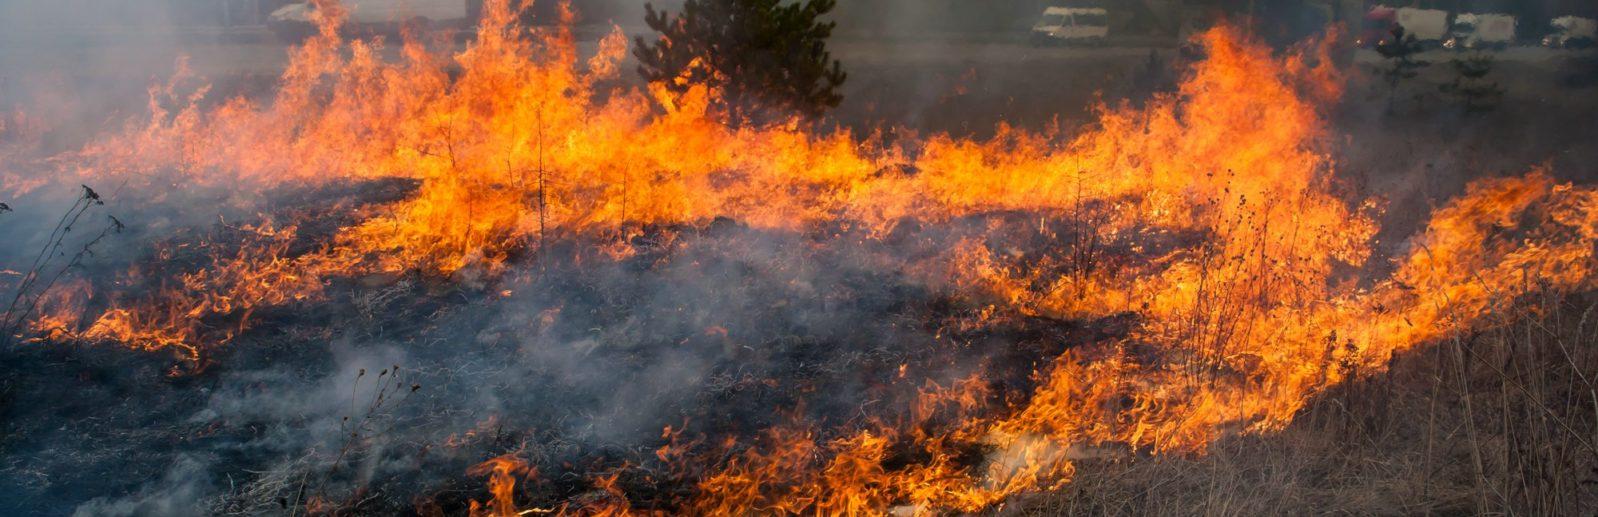 Пожары в Крыму фото